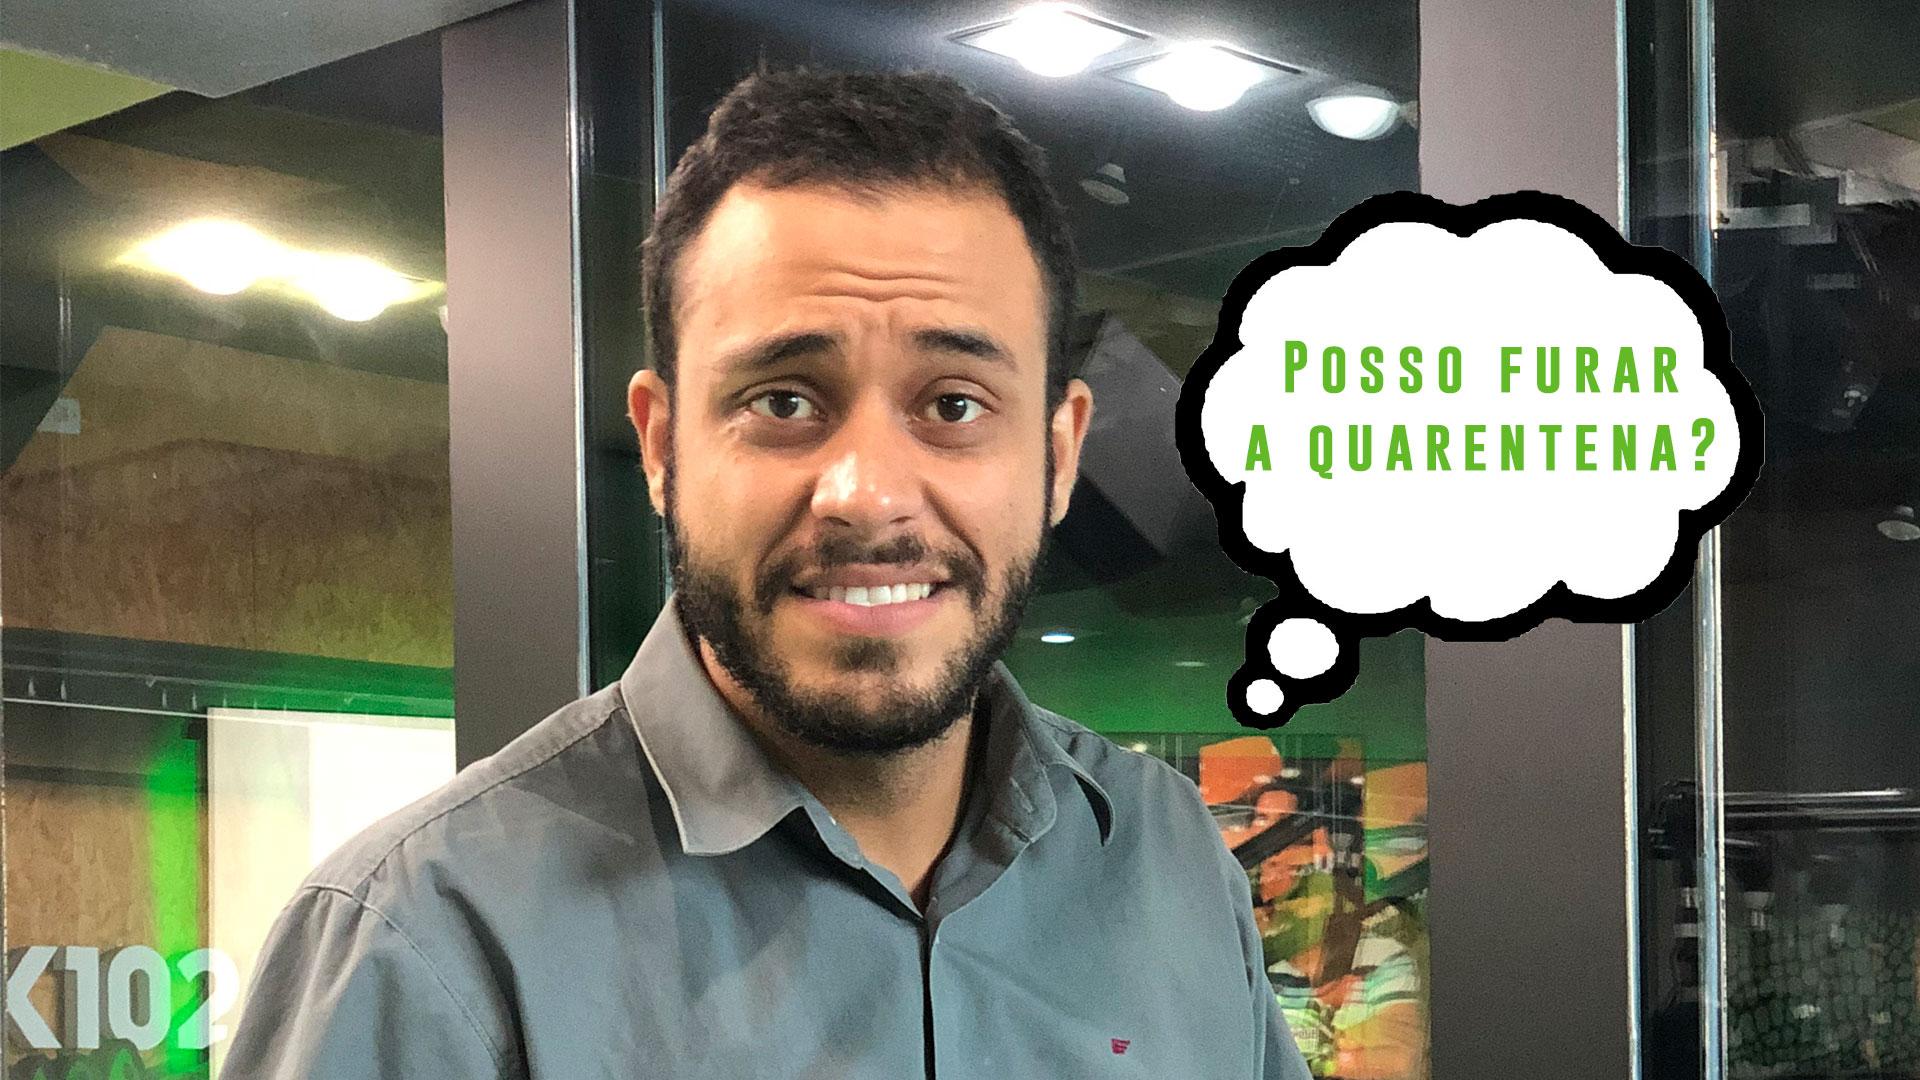 #Aovivaço Desculpas para furar a quarentena